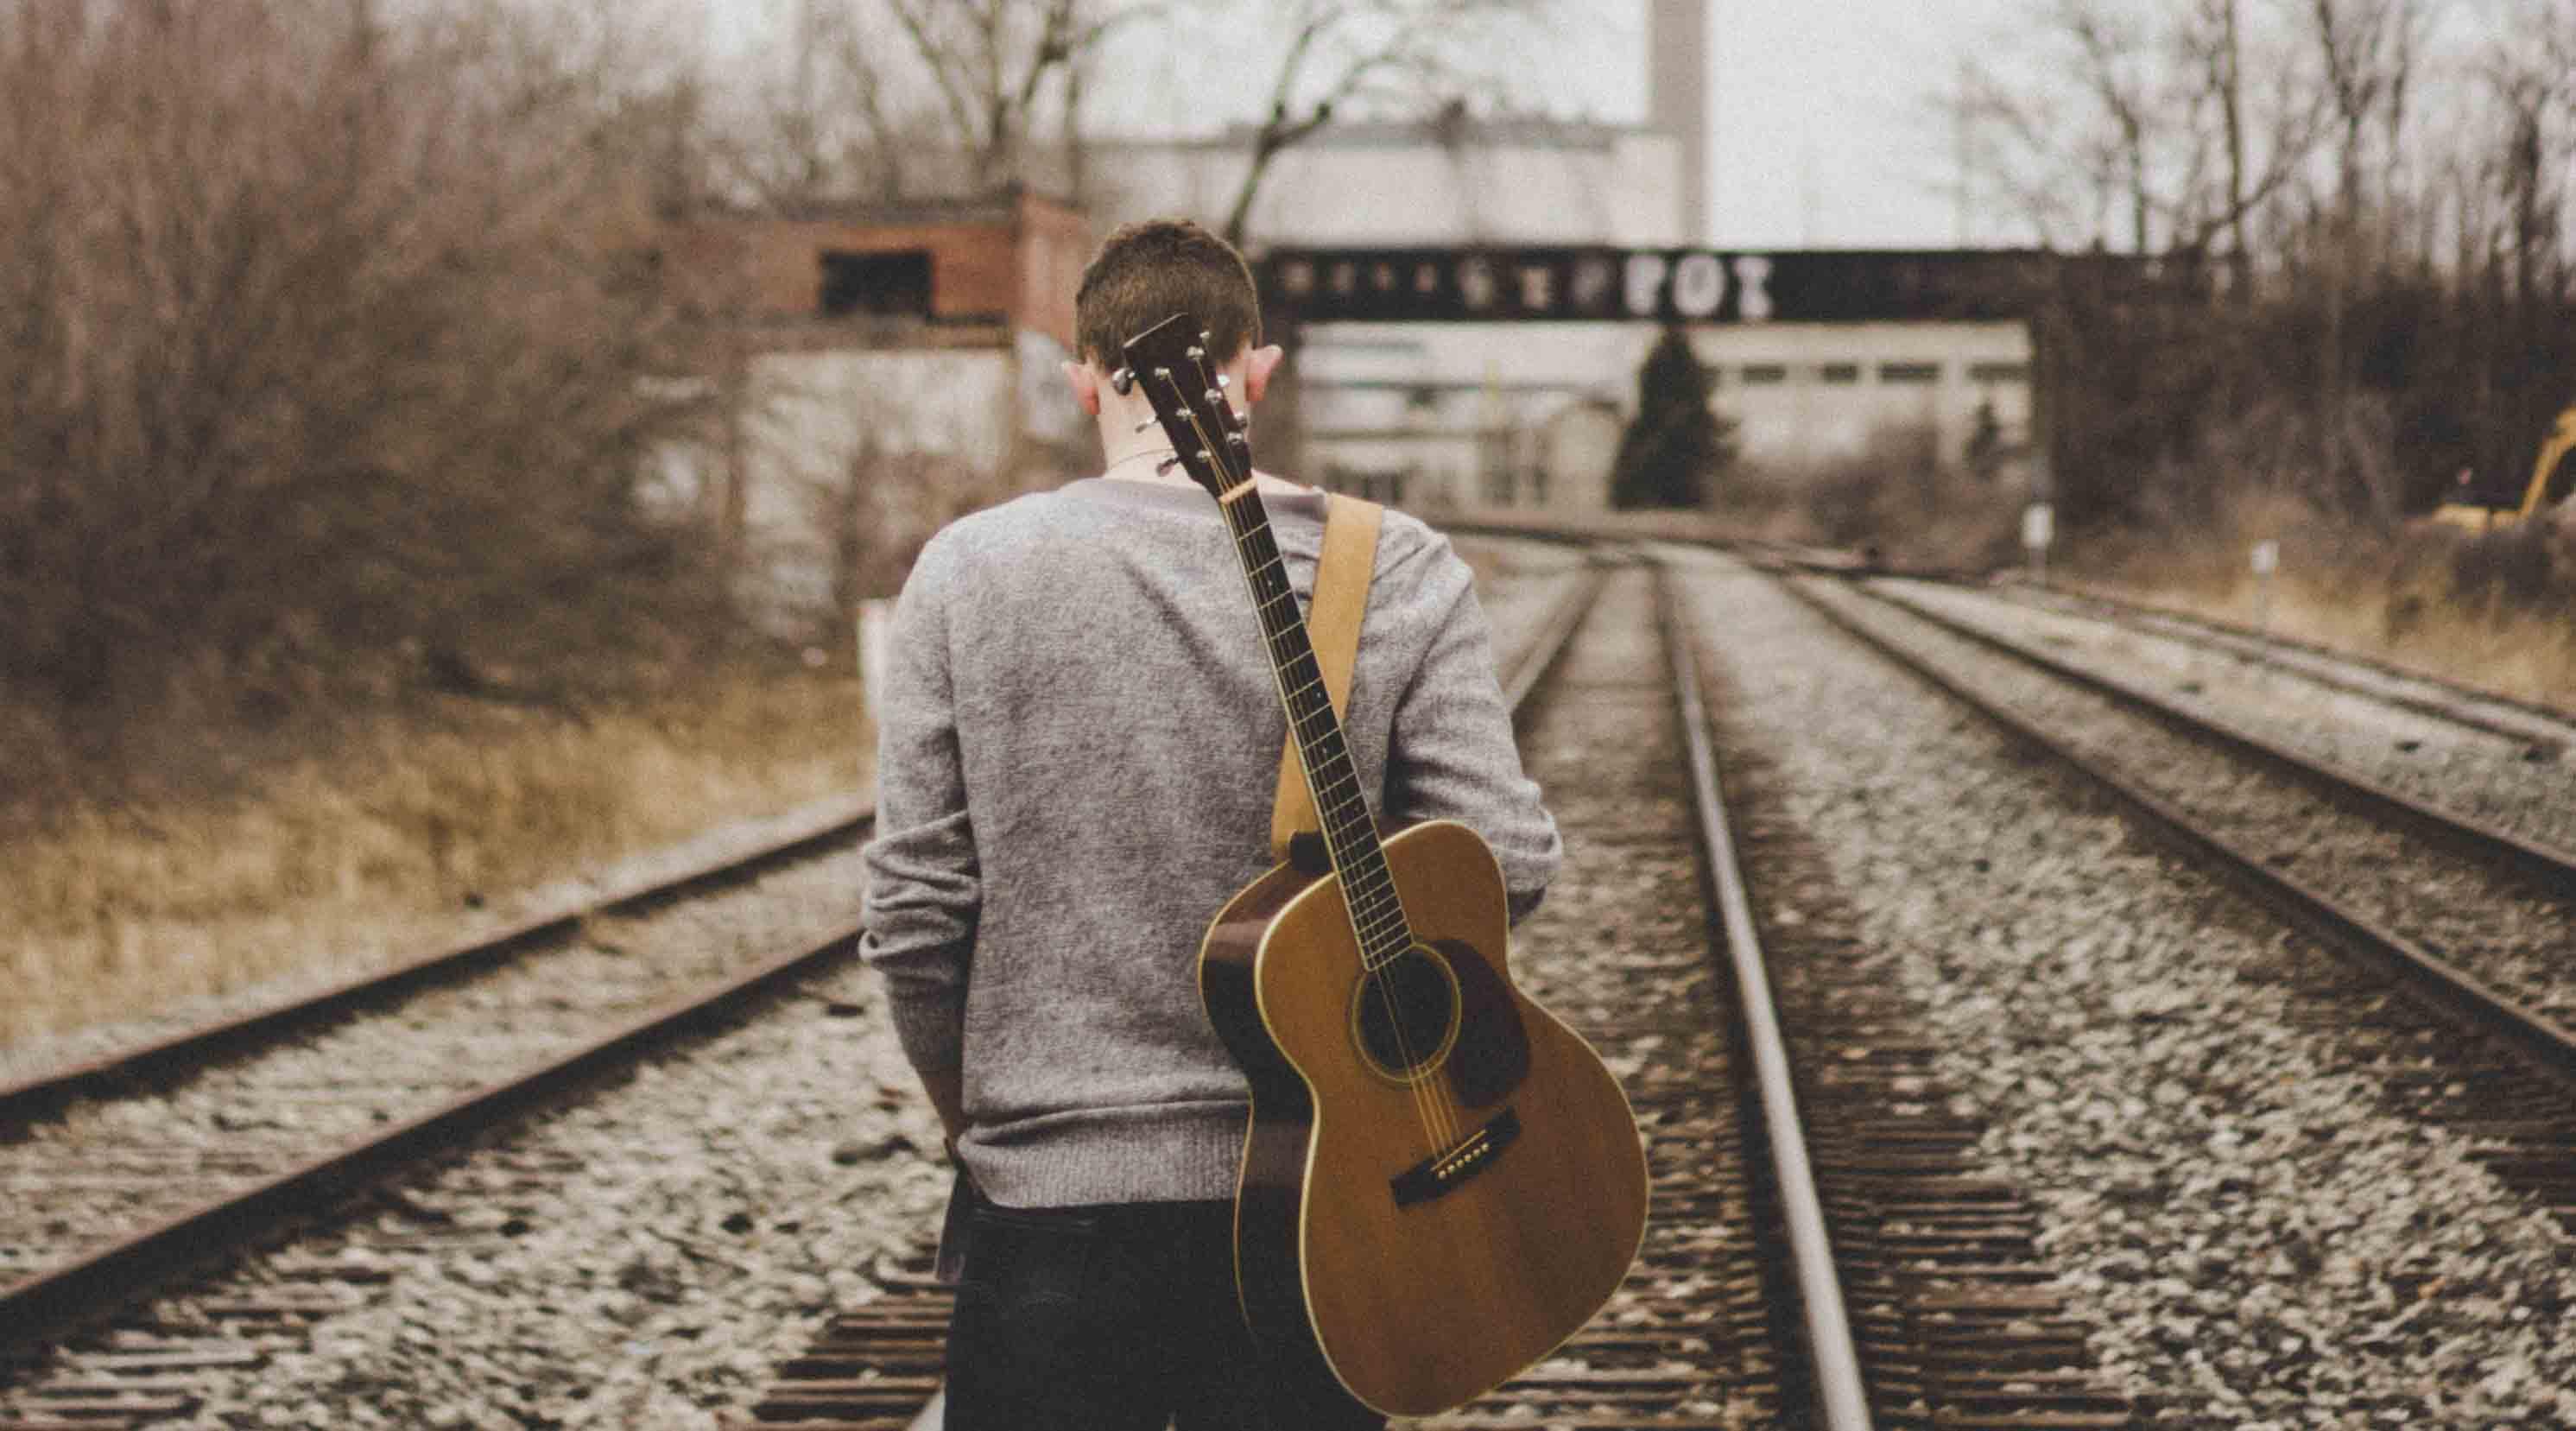 درباره خرید اولین گیتار و تجربه من